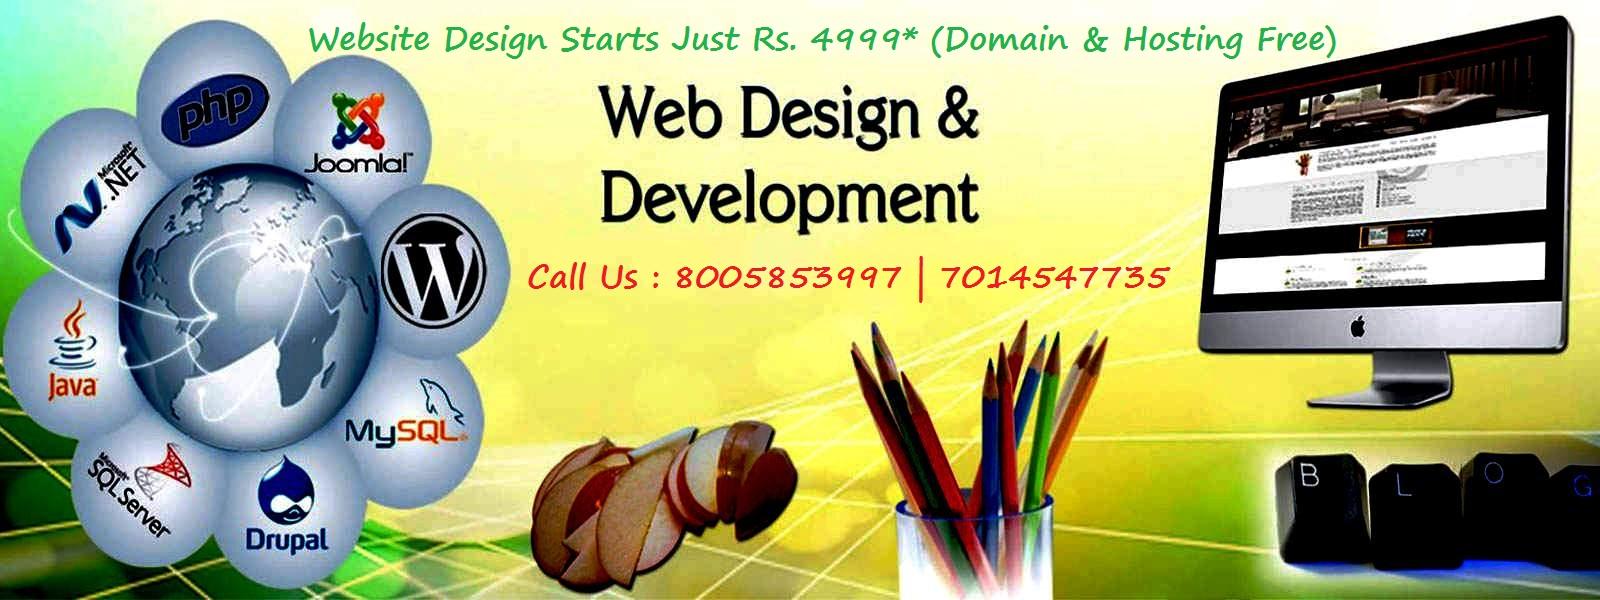 How to make creative website design